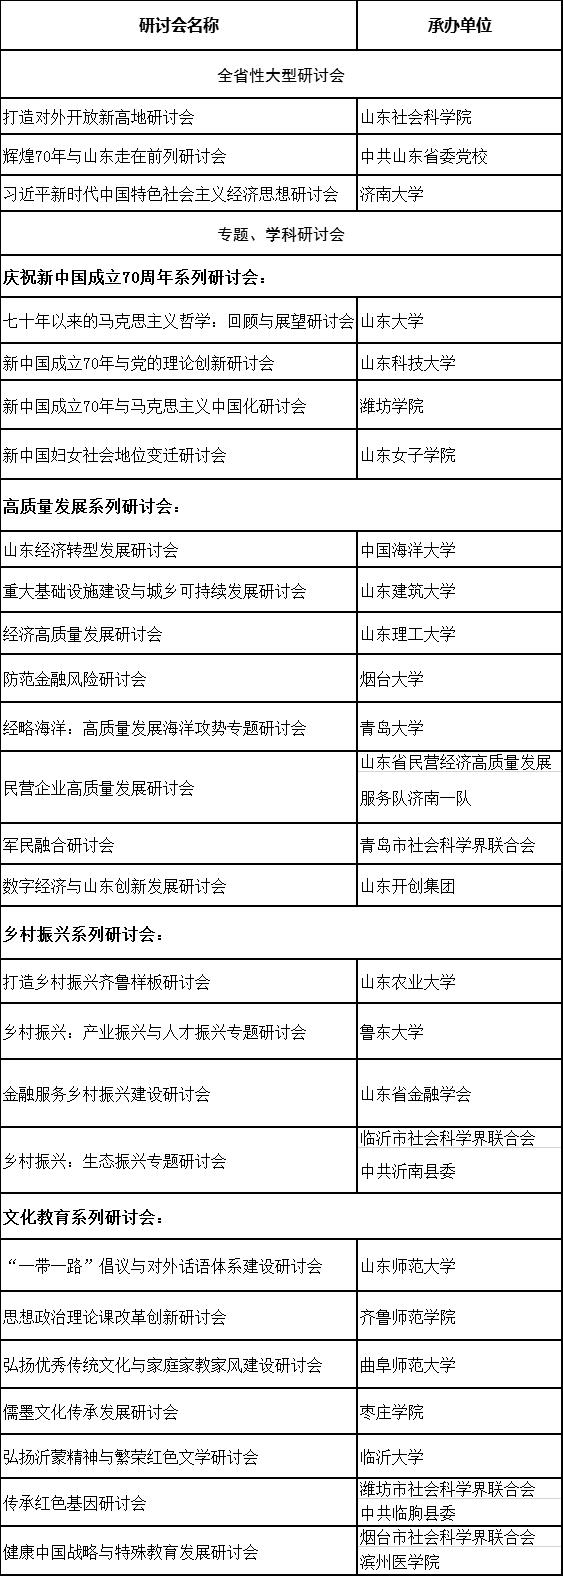 2019年山东社科论坛一览表.png